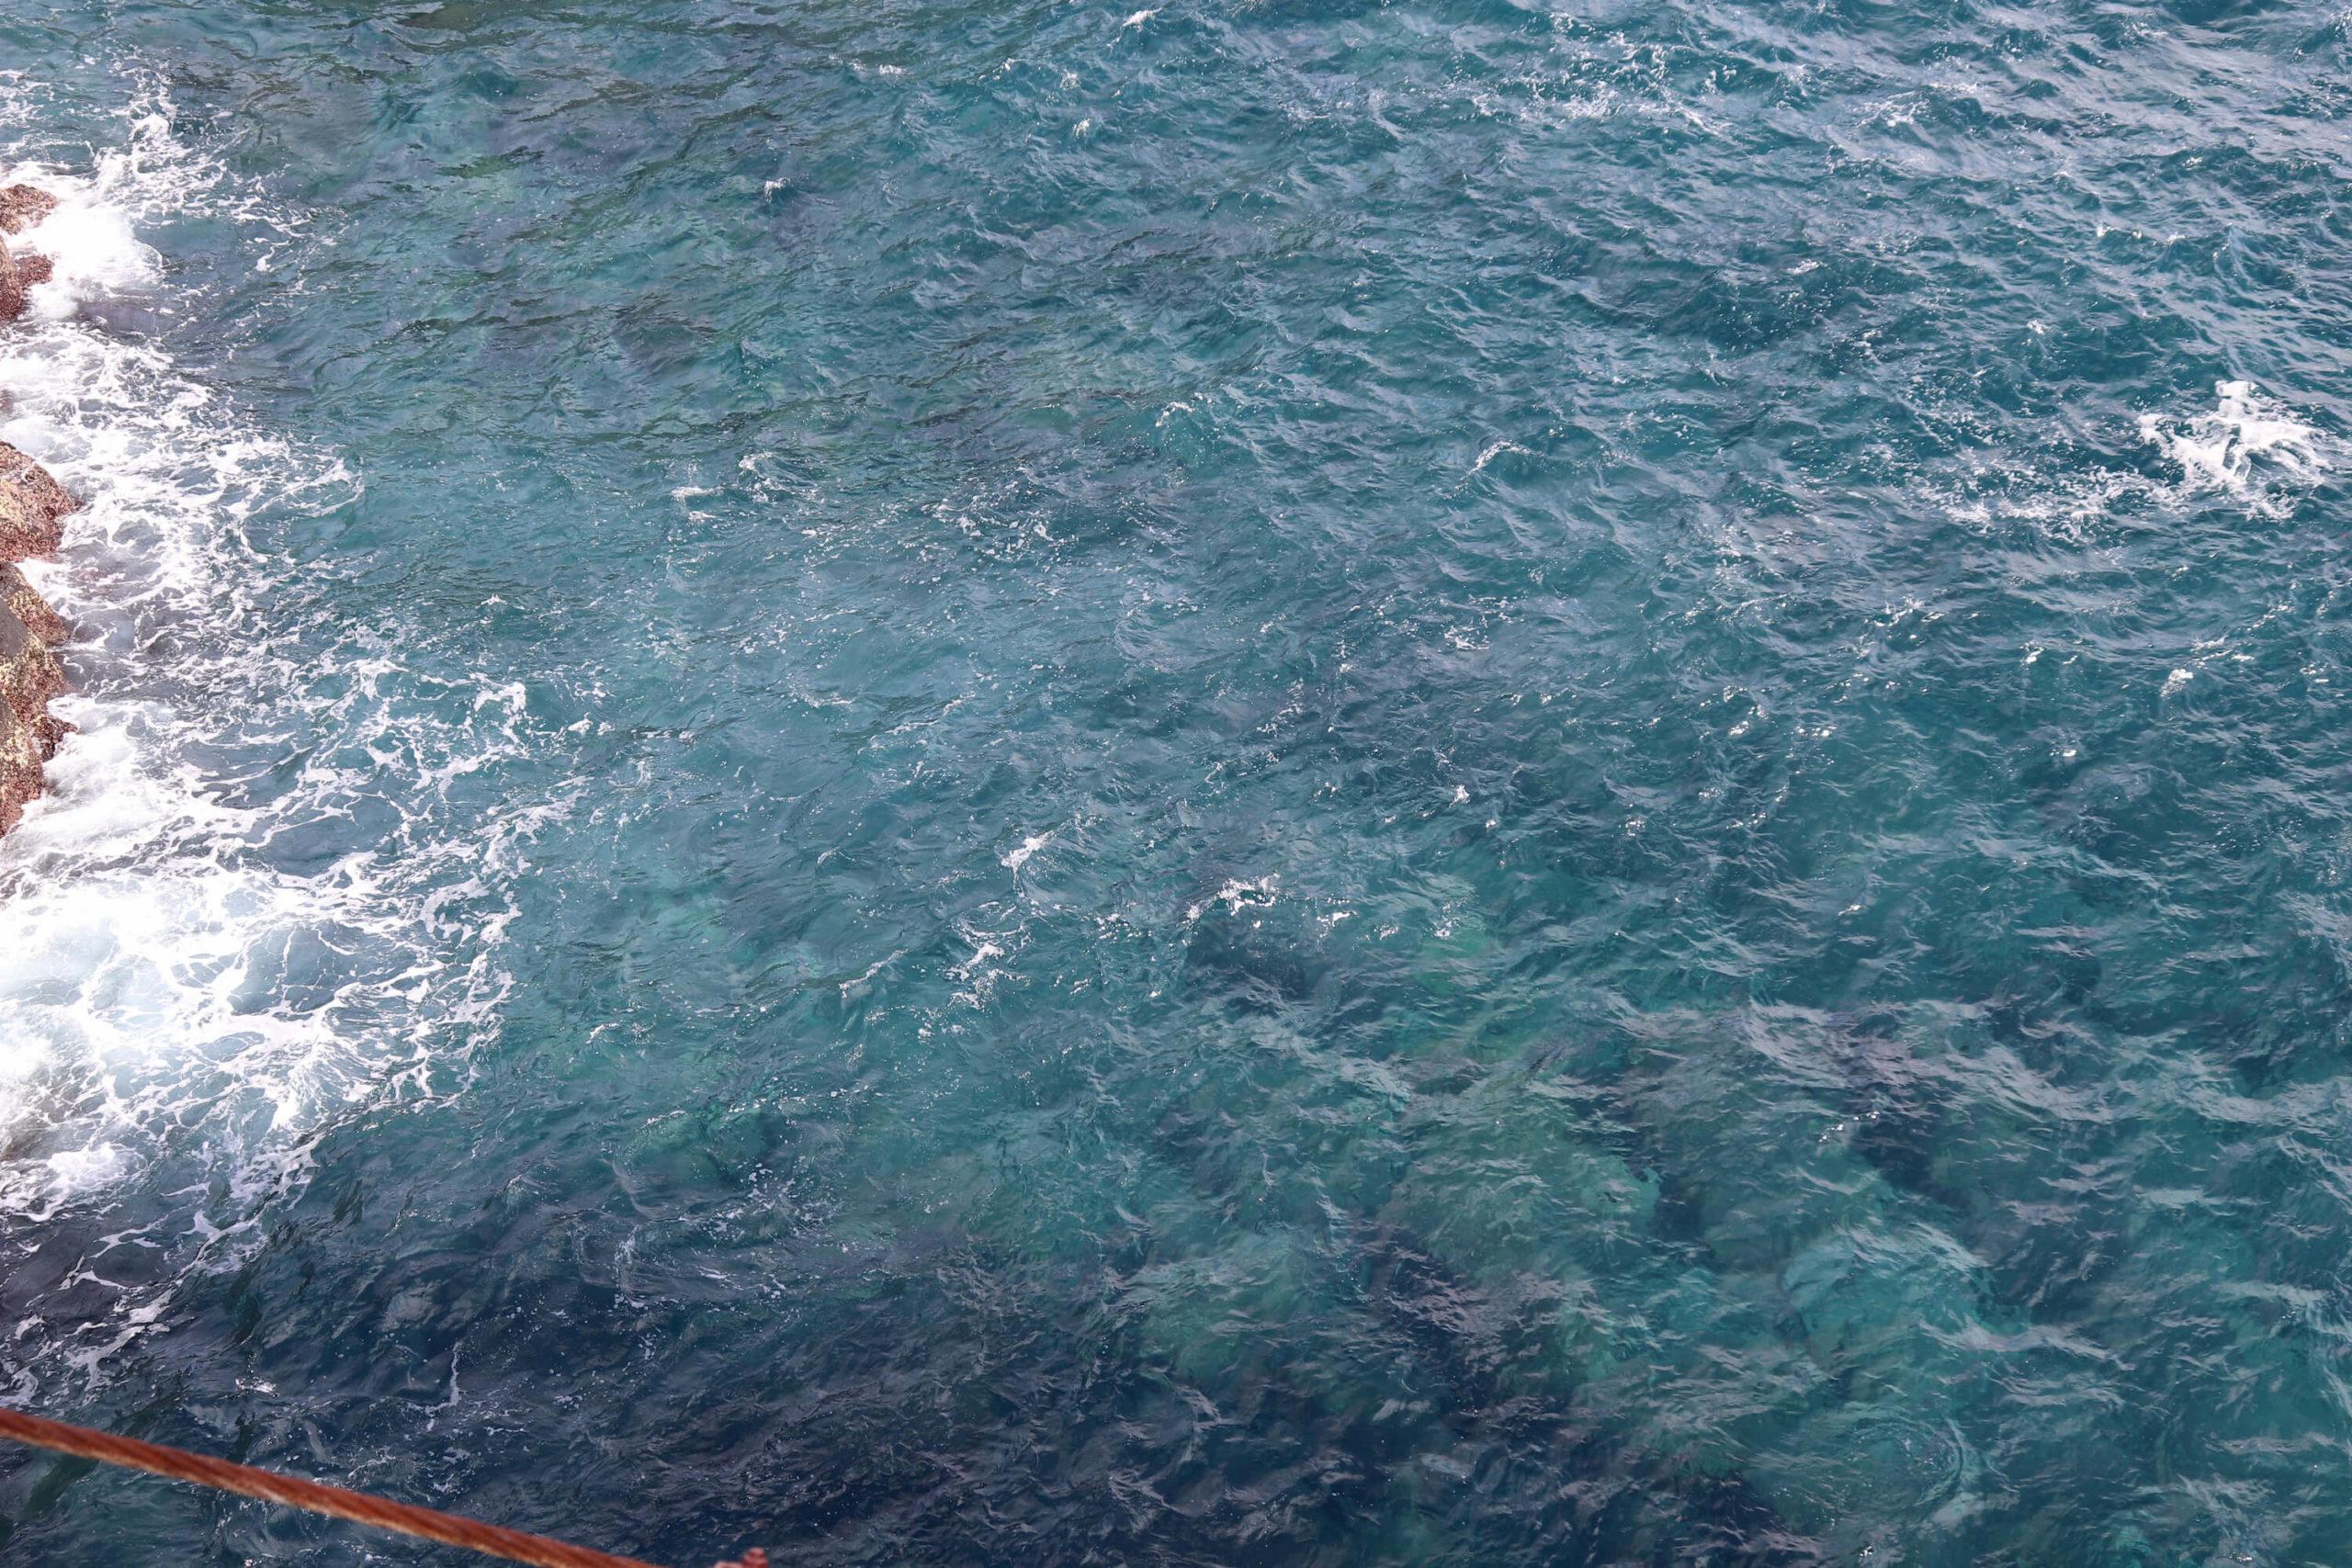 城ヶ崎海岸の門脇吊り橋からの真下の眺め